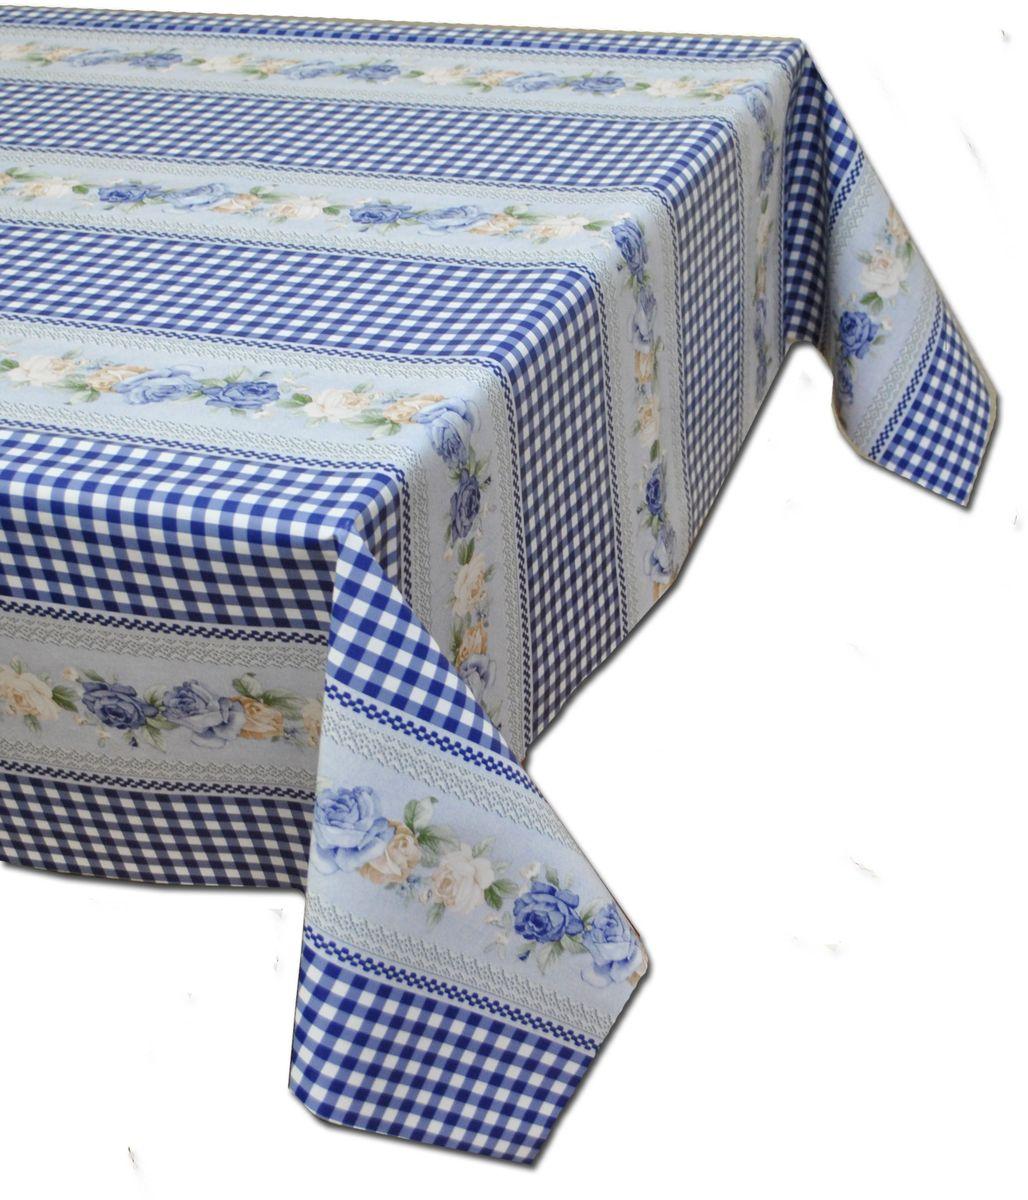 Столовая клеенка LCadesi Florista, прямоугольная, 130 х 165 см. FL130165-018-02FL130165-018-02Столовая клеенка Florista с классическим дизайном украсит ваш стол и защитит его от царапин и пятен. Благодаря основе из нетканого материала не скользит по столу. Клеенка не имеет запаха и совершенно безопасна для человека.